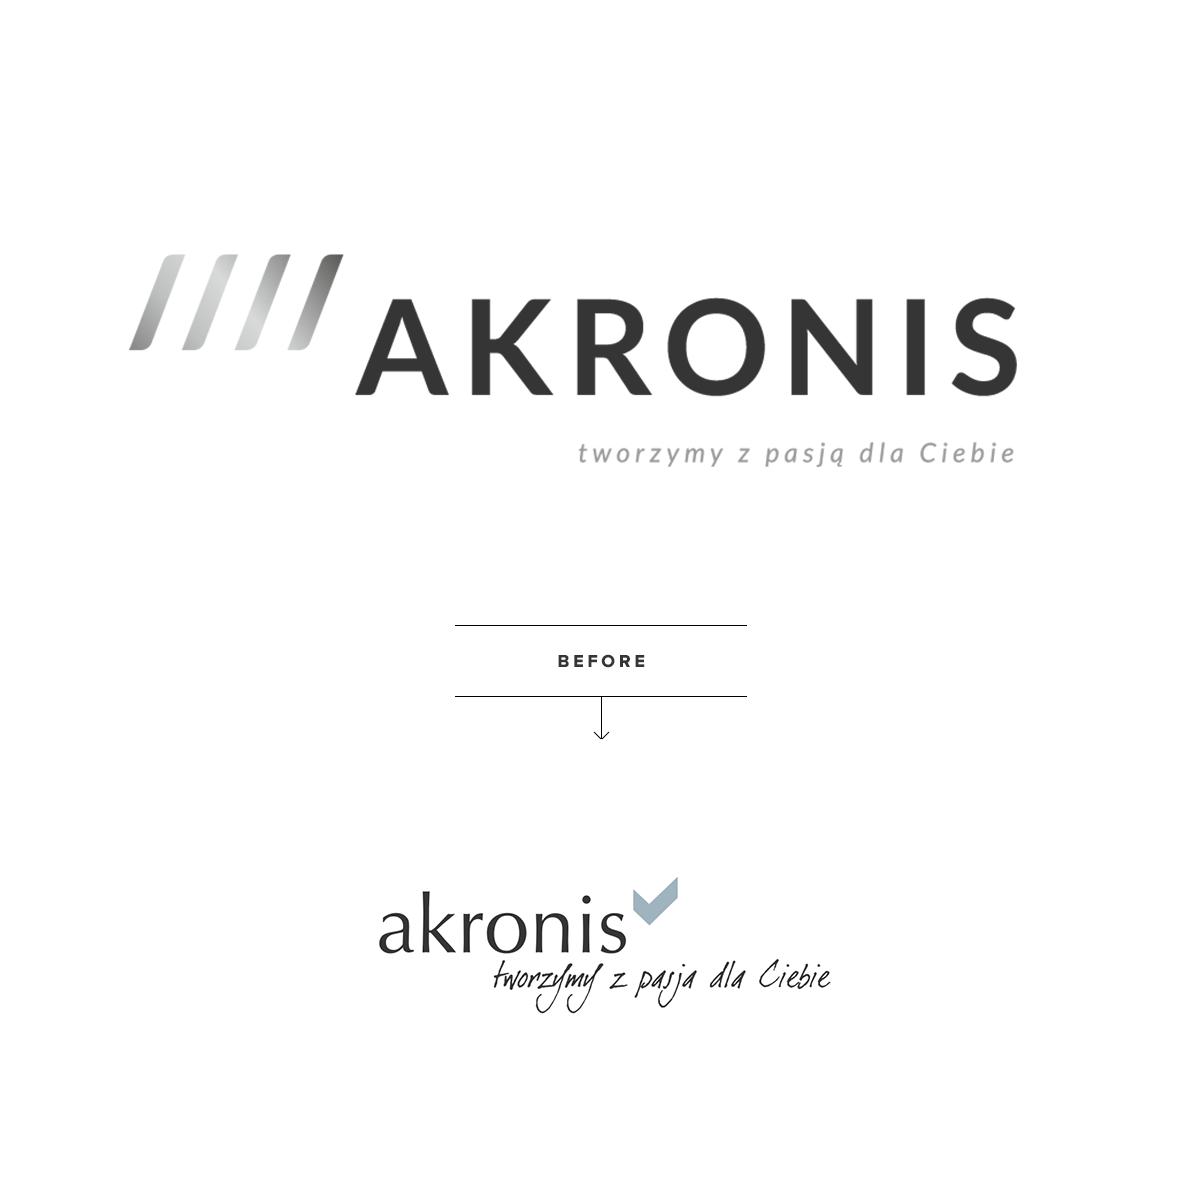 akronis_2